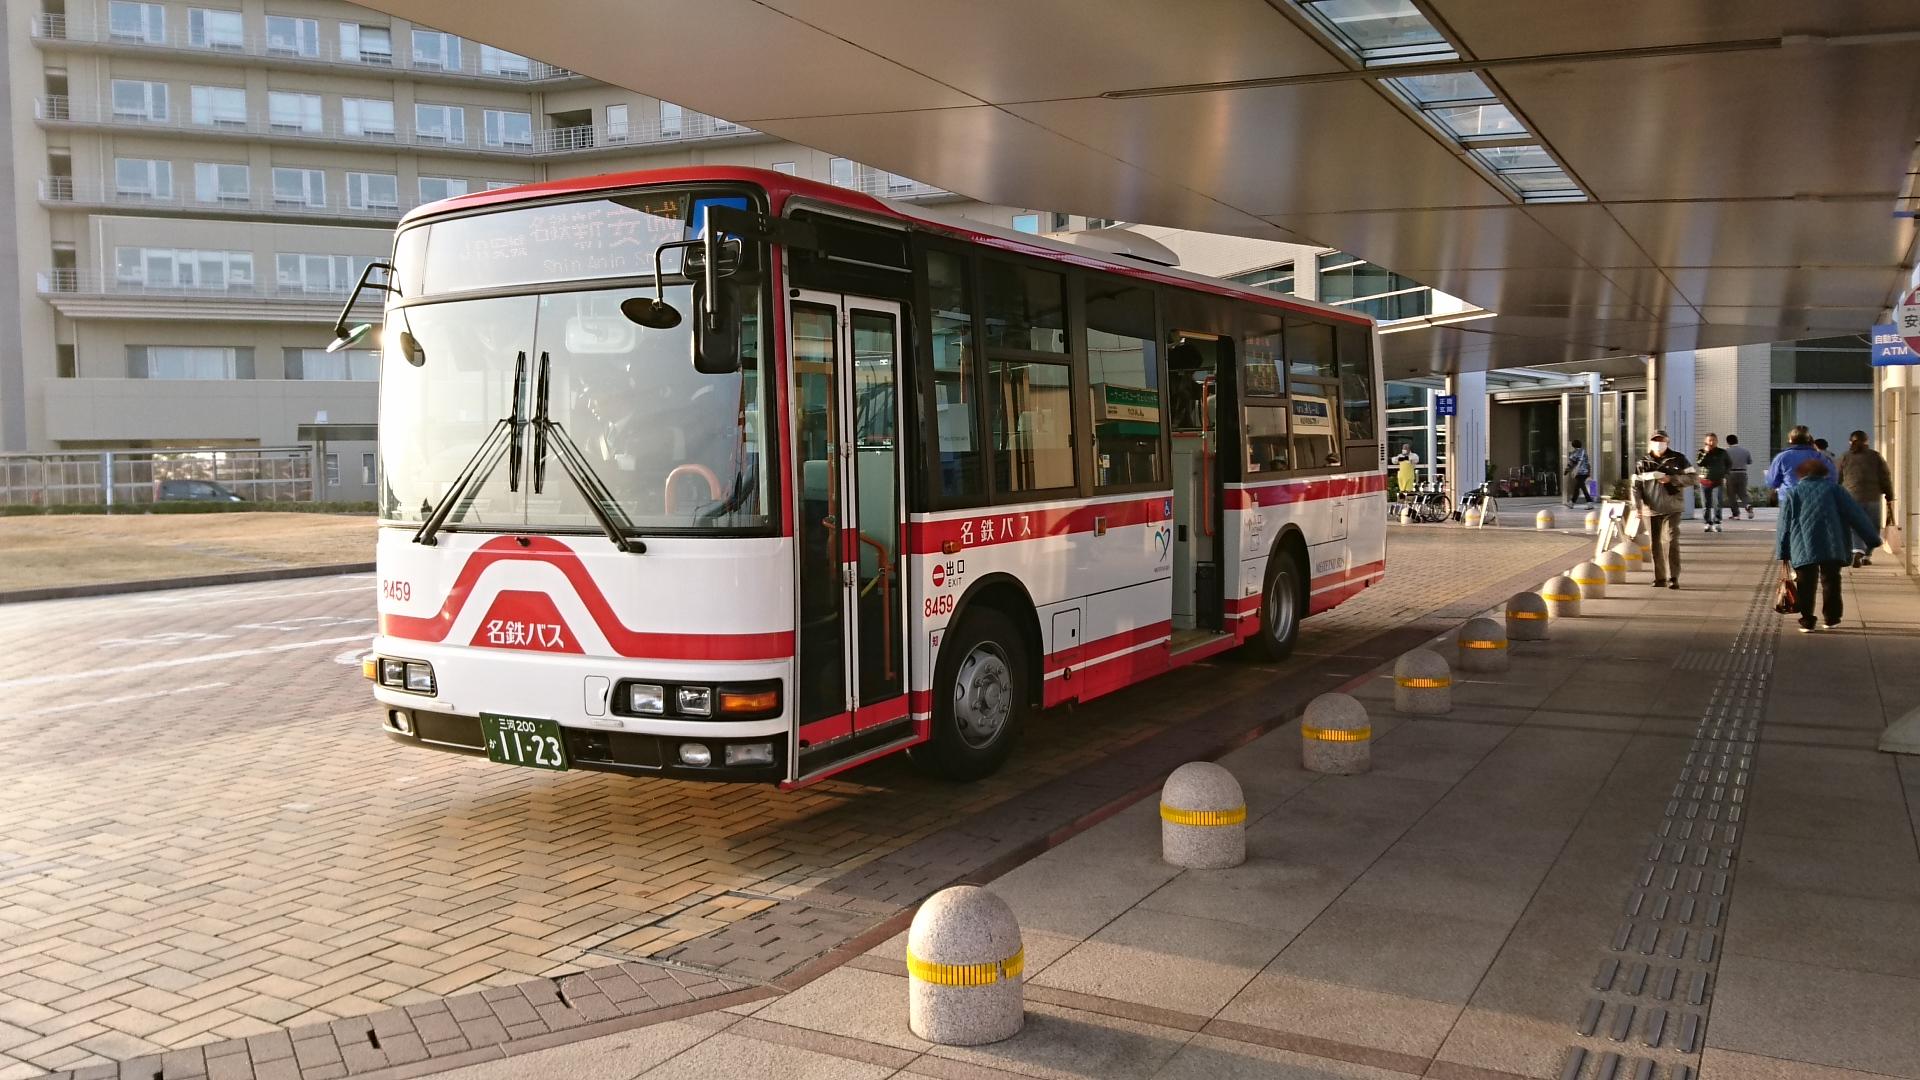 2017.1.4 あさ (3) 更生病院 - 名鉄バス 1920-1080